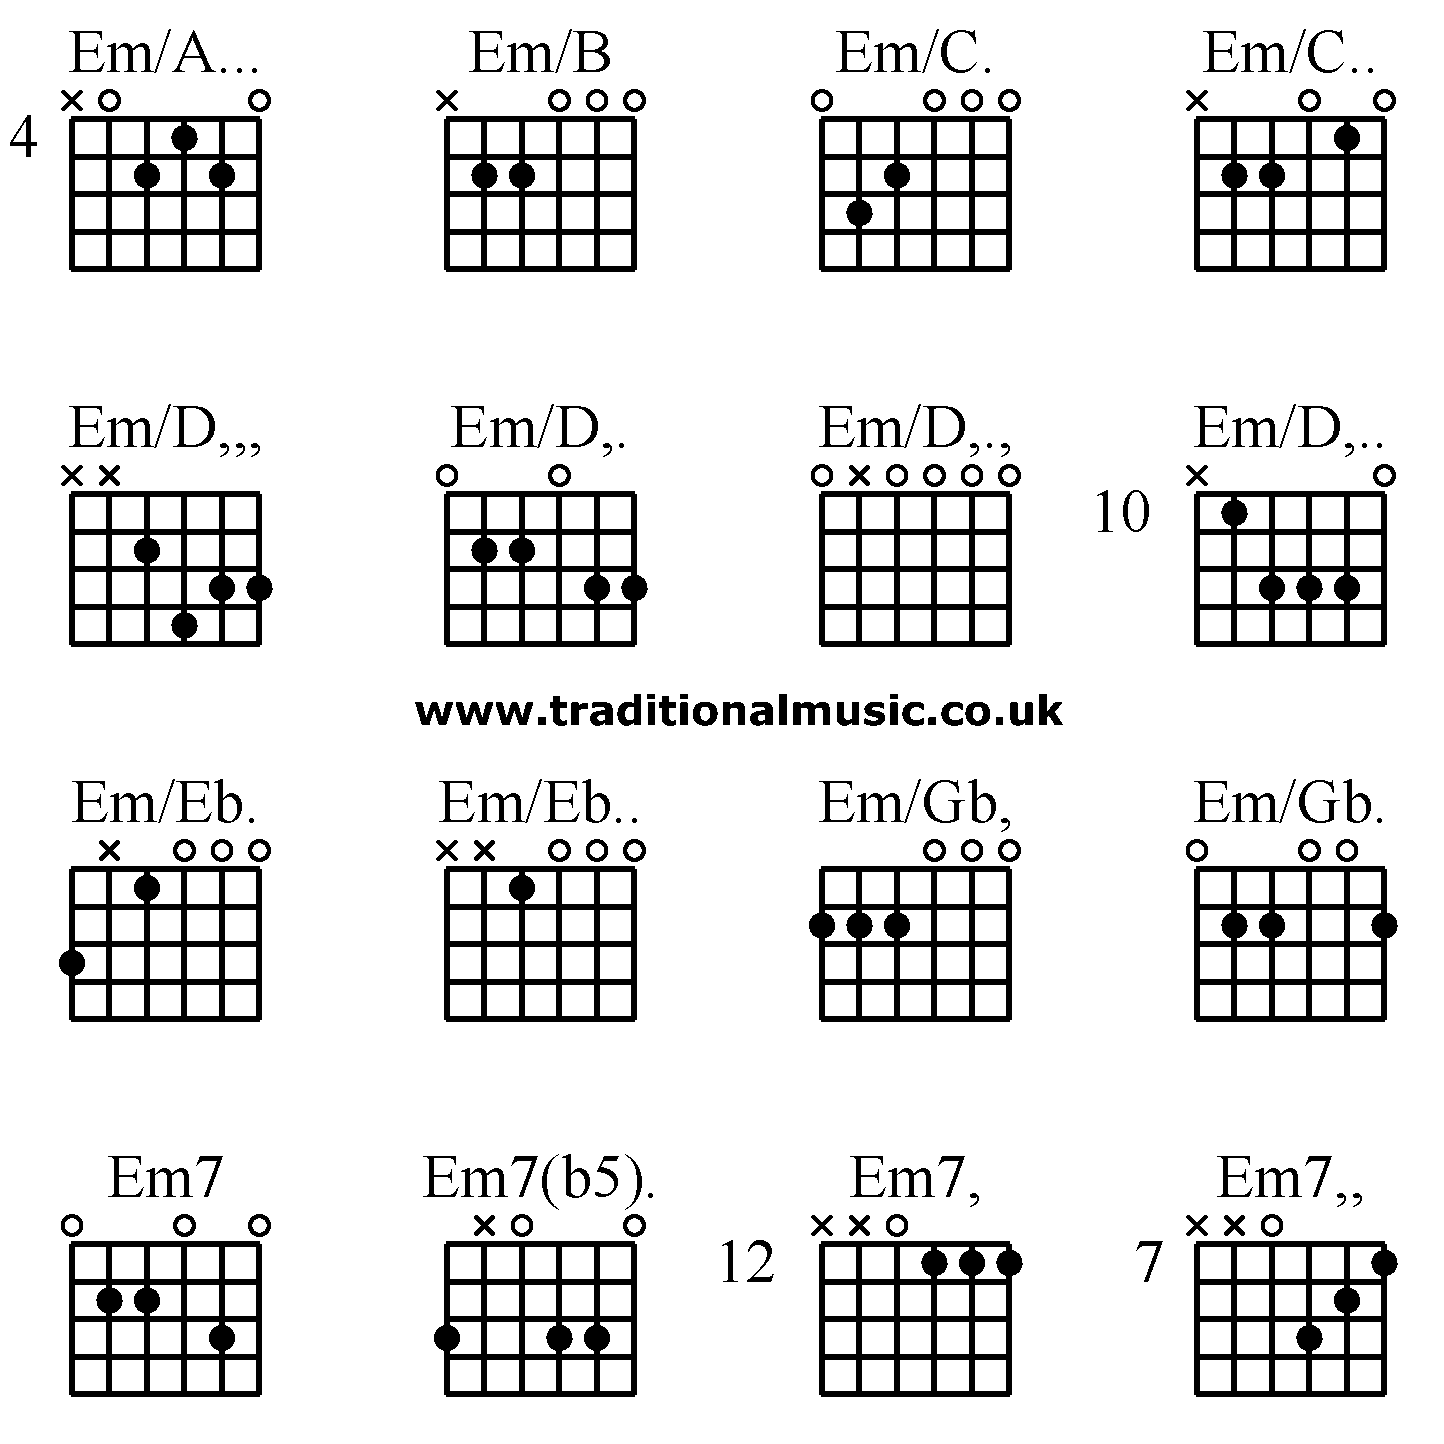 Guitar chords advanced - Em/A. Em/B Em/C. Em/C. Em/D, Em/D ...